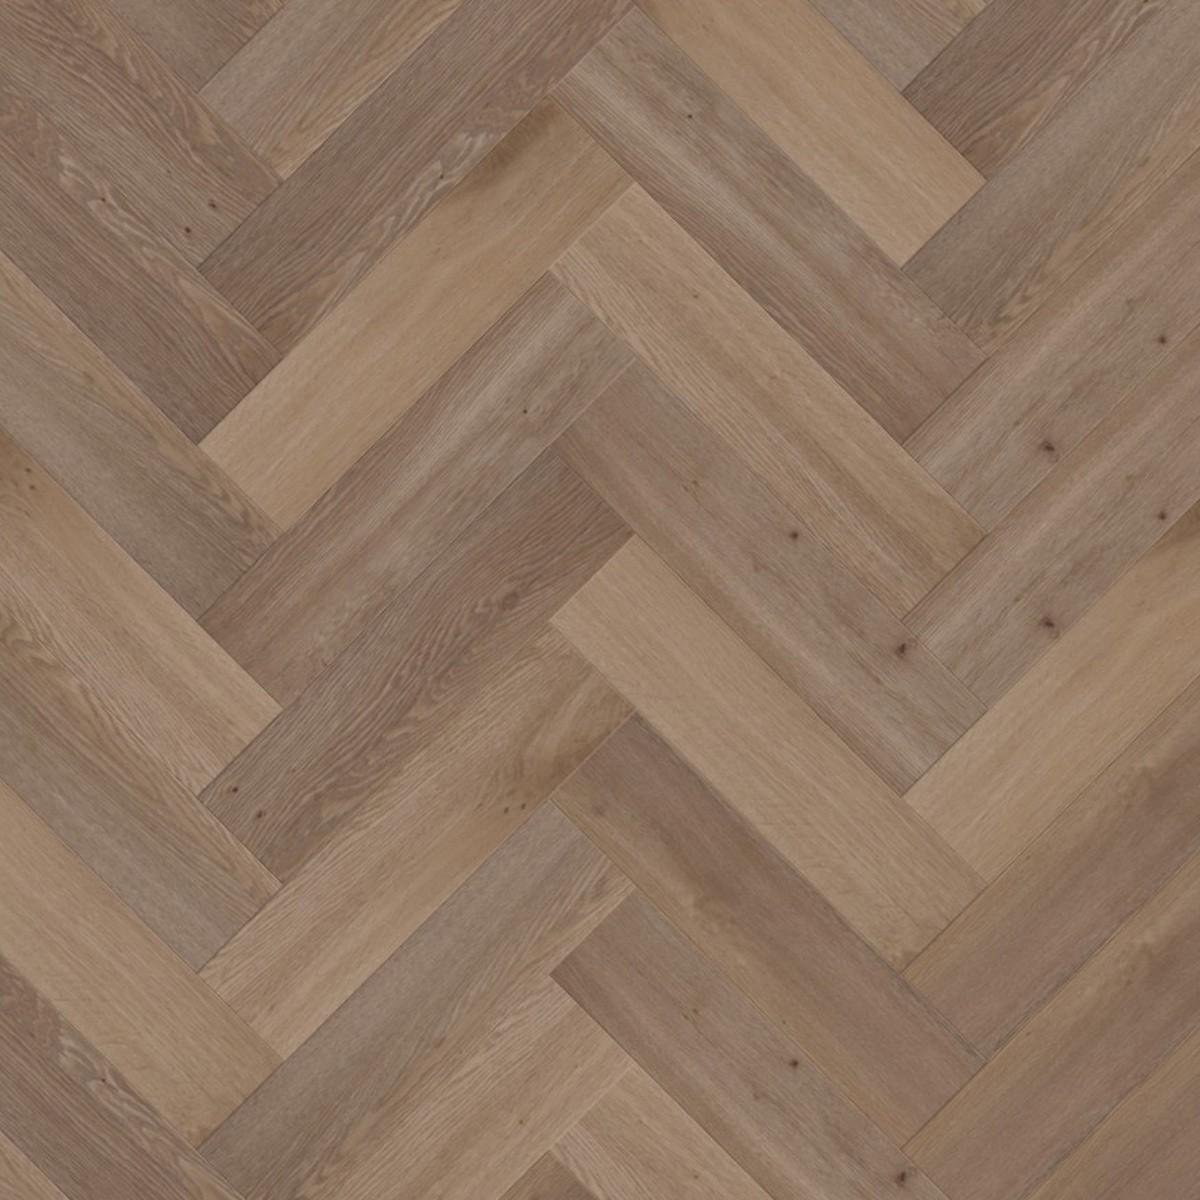 Therdex visgraat PVC vloer 7005